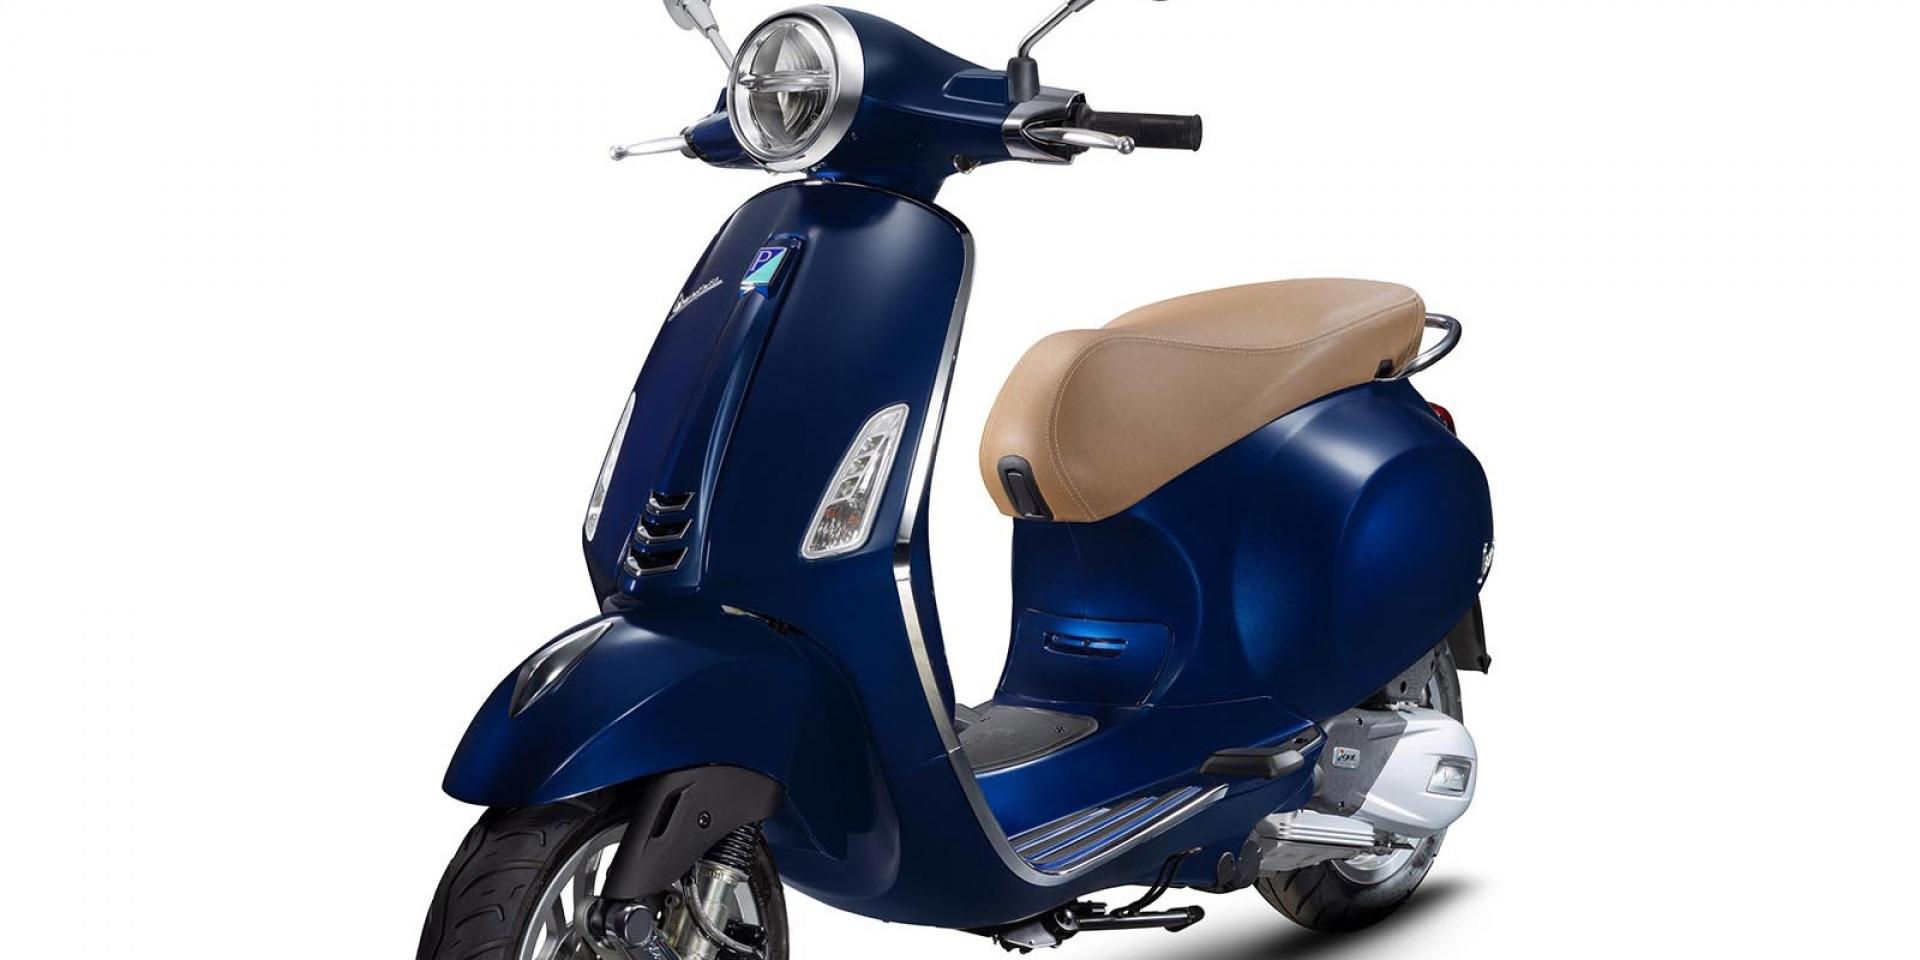 官方新聞稿。經典新風潮 男女皆型  Vespa Primavera 125 i-get ABS 19年式全新上市